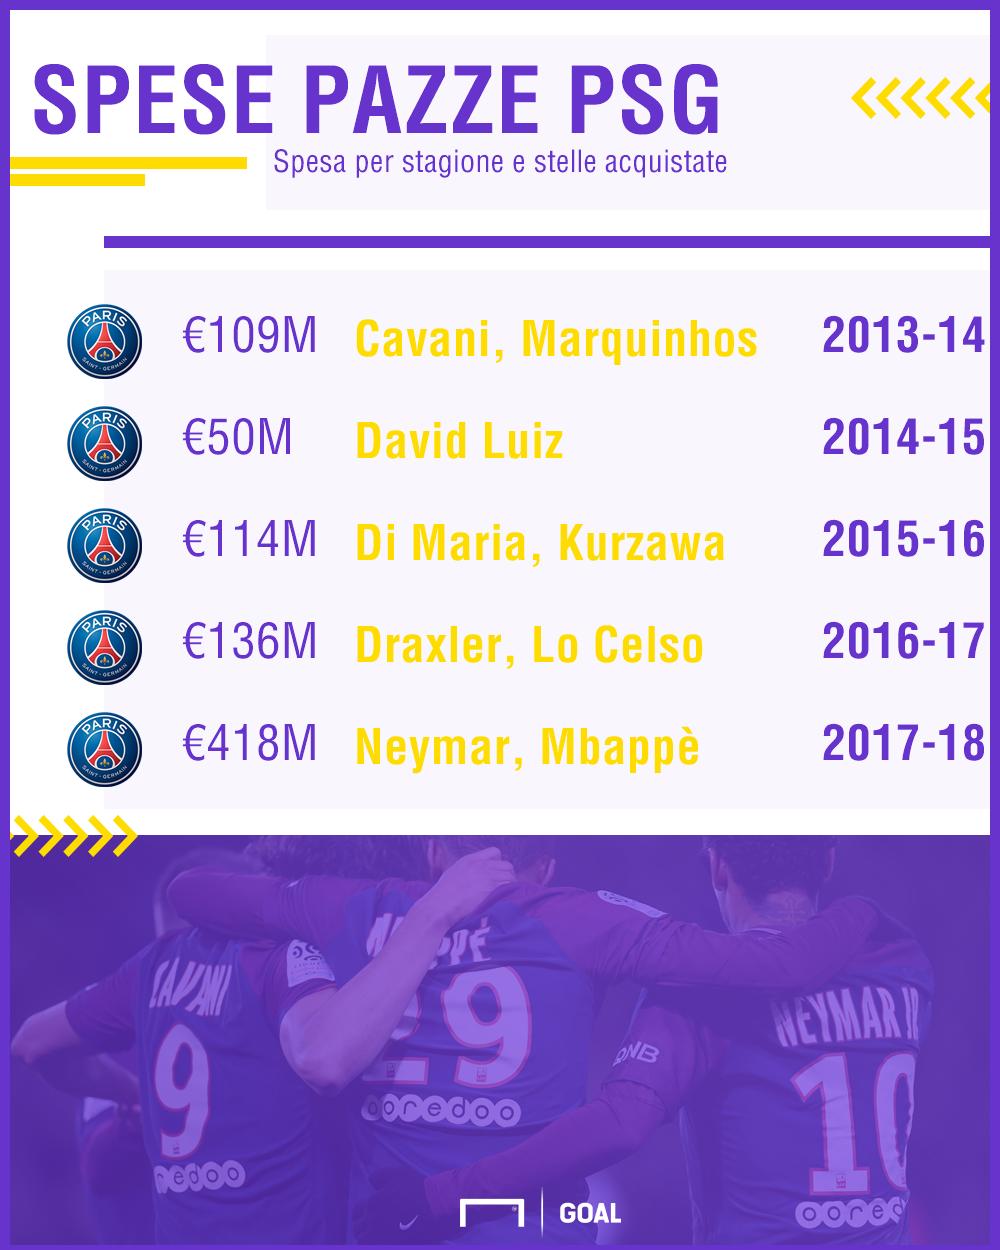 Calciomercato, il PSG vuole Conte. E spunta la lista dei partenti